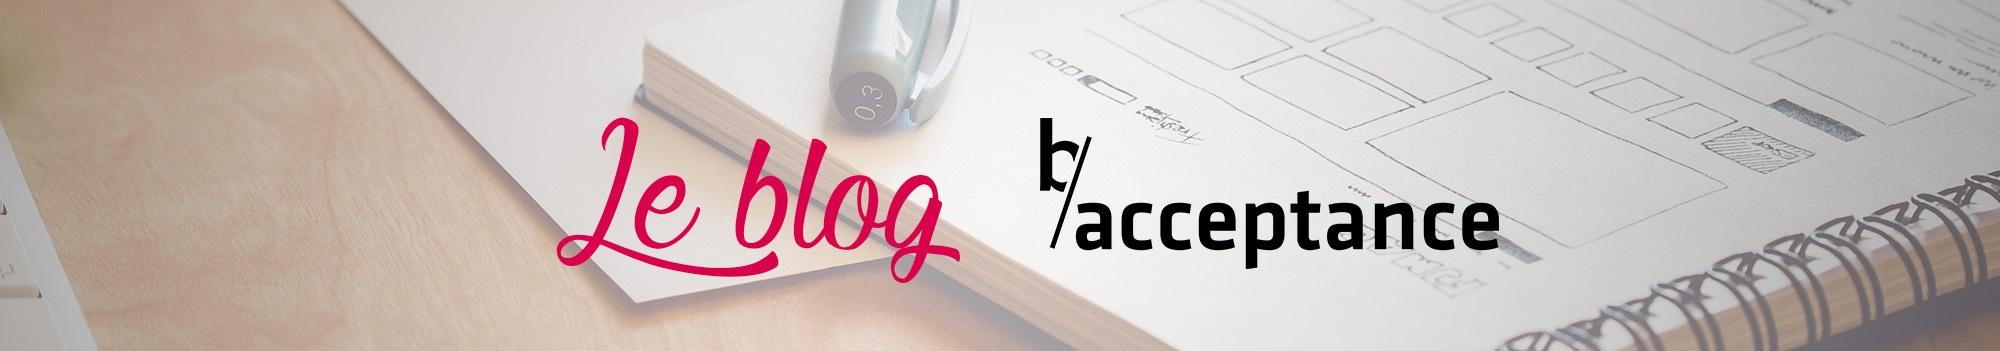 le-blog-b-acceptance.1.jpg